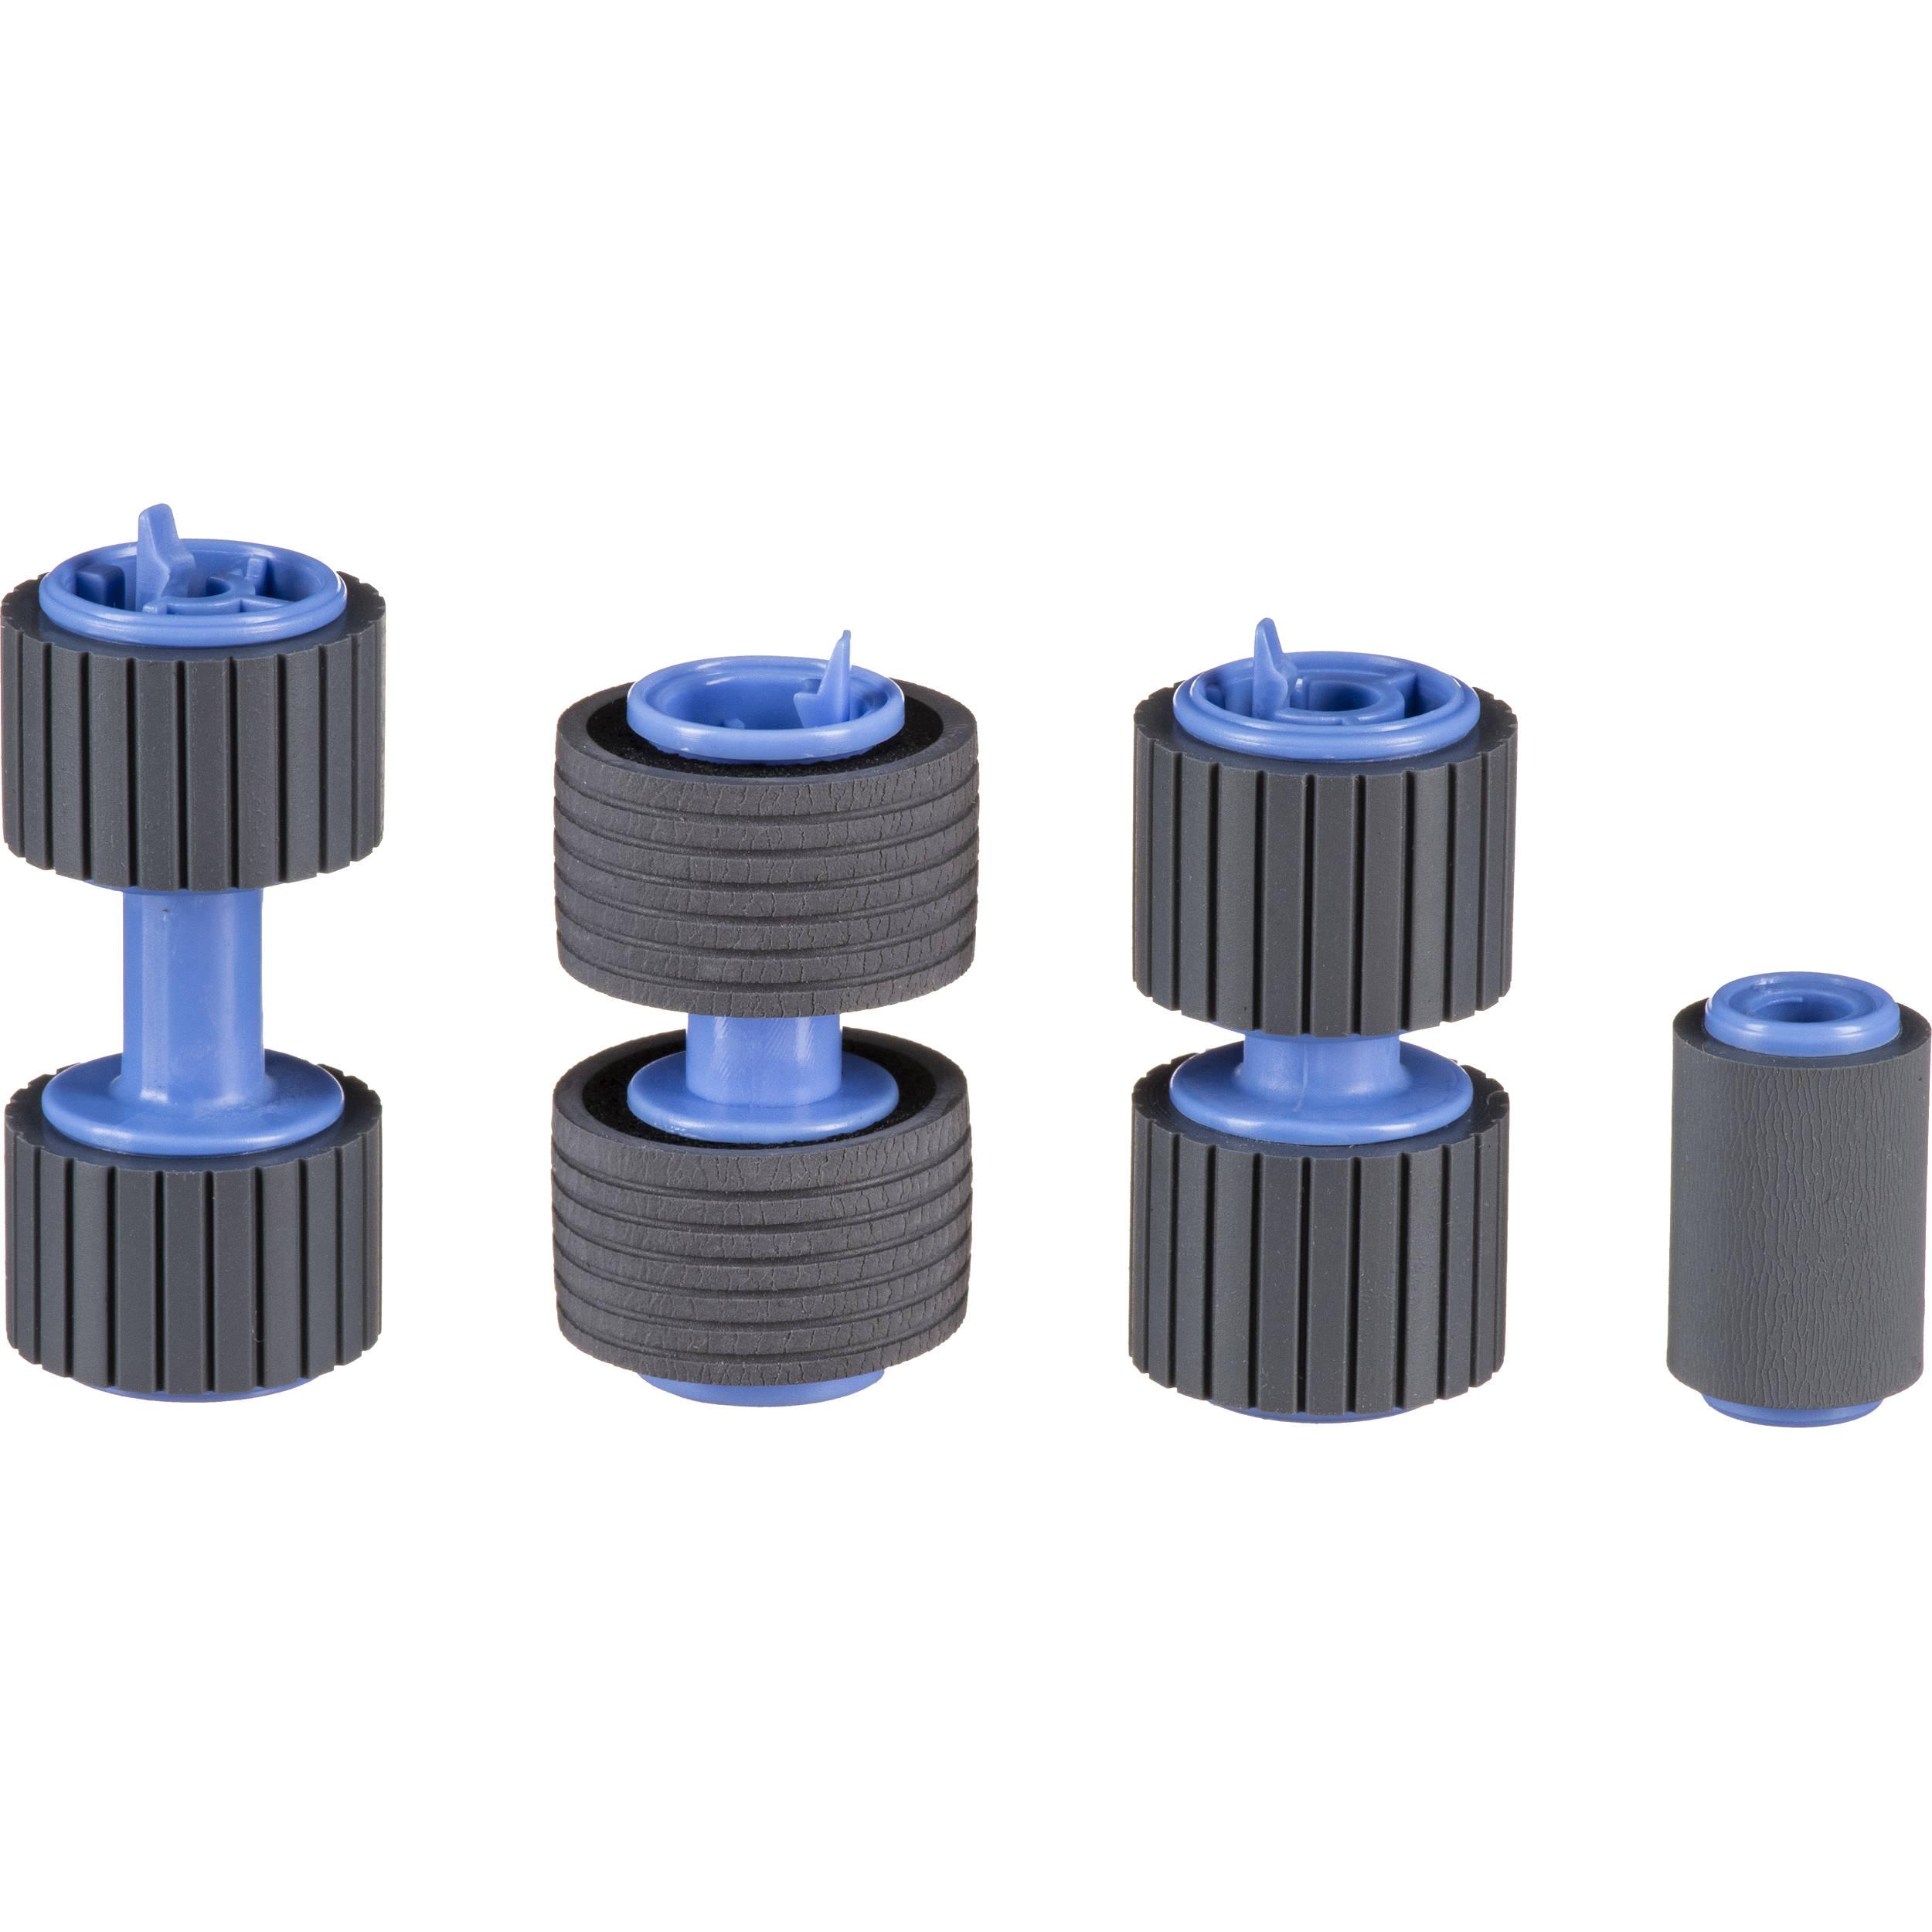 EPSON Epson Roller Assembly KIT for